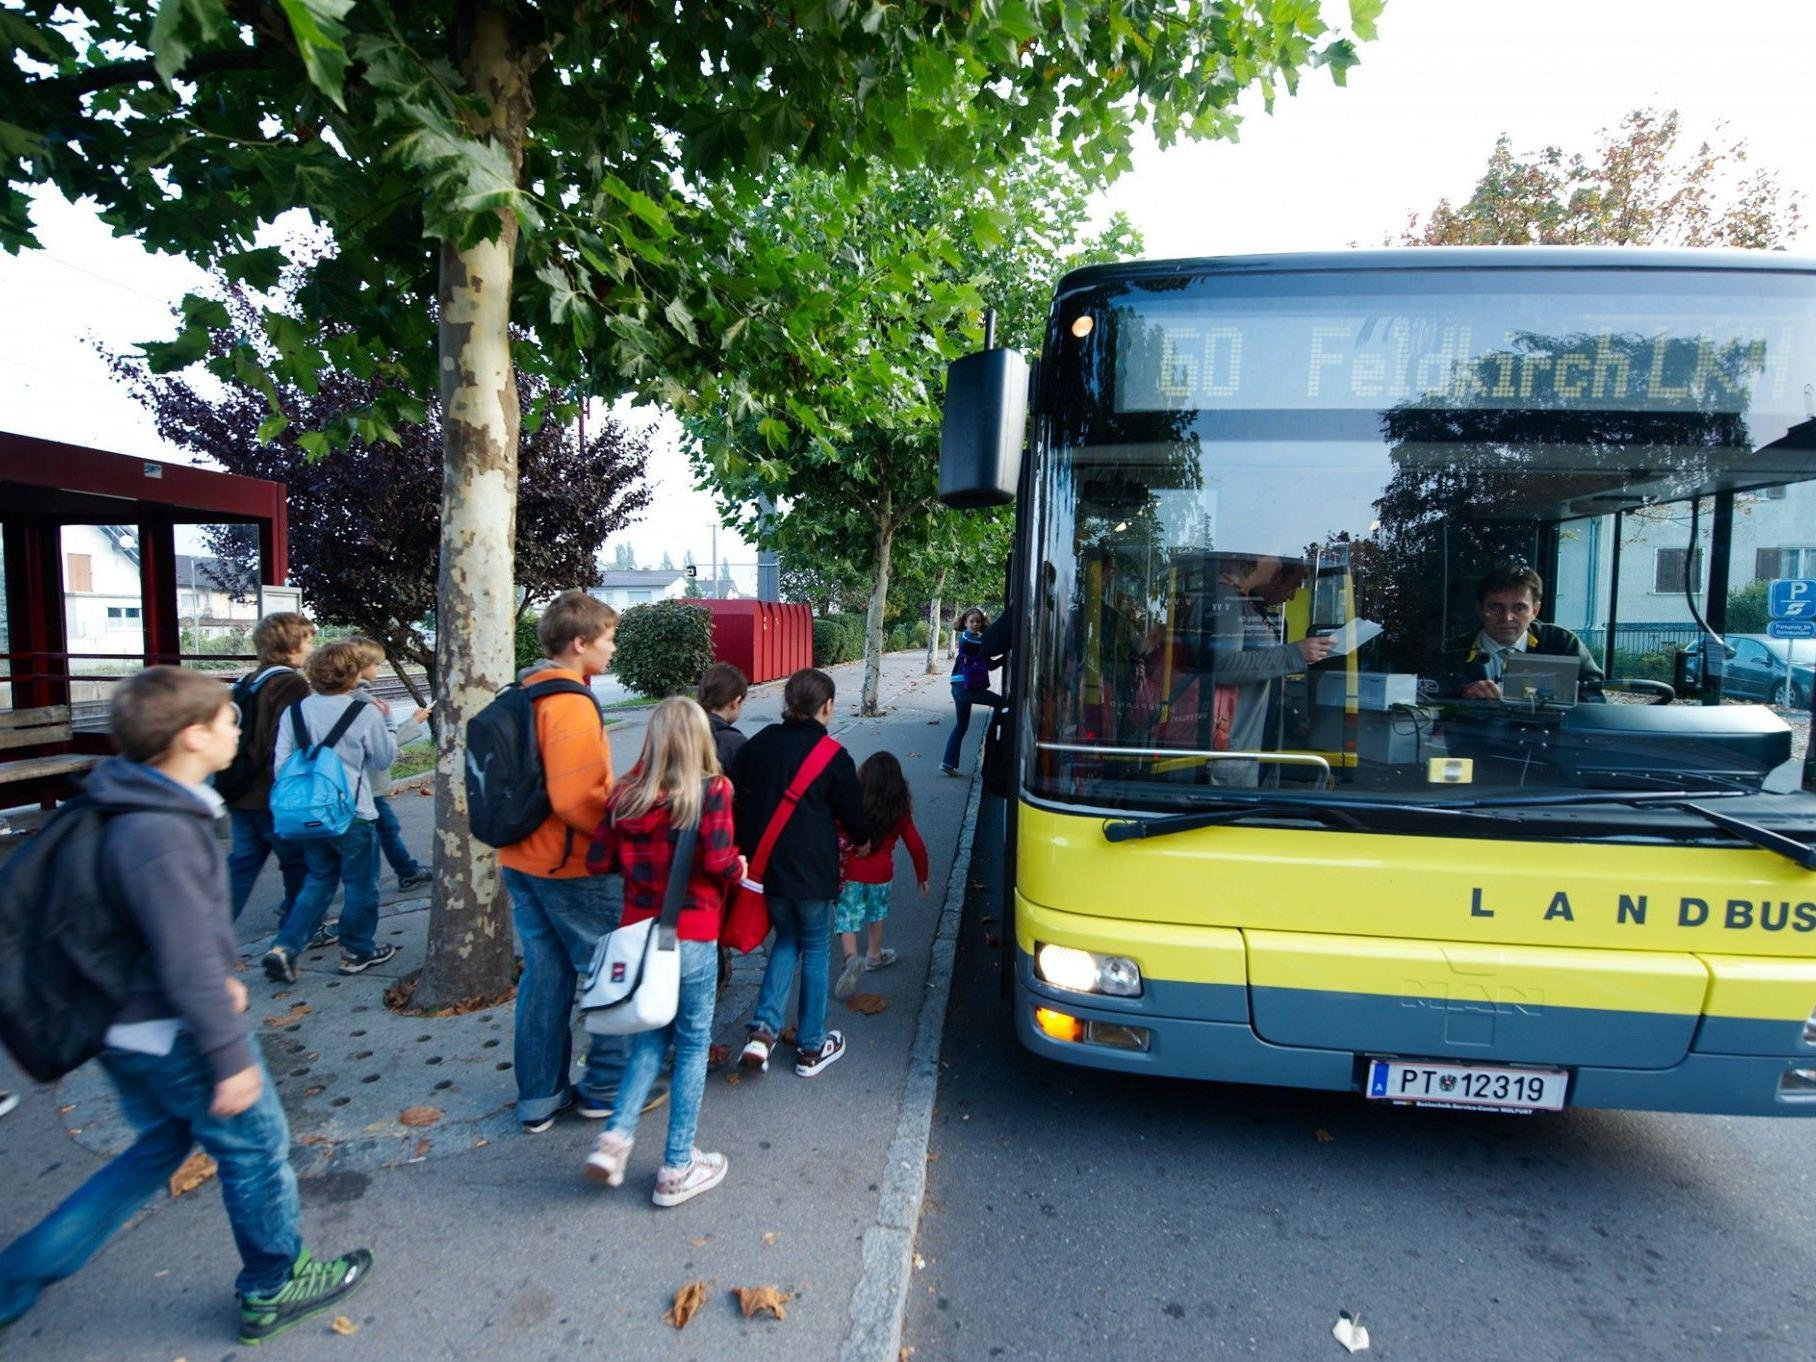 Der Schulbeginn stellt für FahrerInnen und LogisitkerInnen des Landbus Oberes Rheintal immer eine Herausforderung dar. 63 zusätzliche Schülerkurse werden jeden Morgen gefahren.